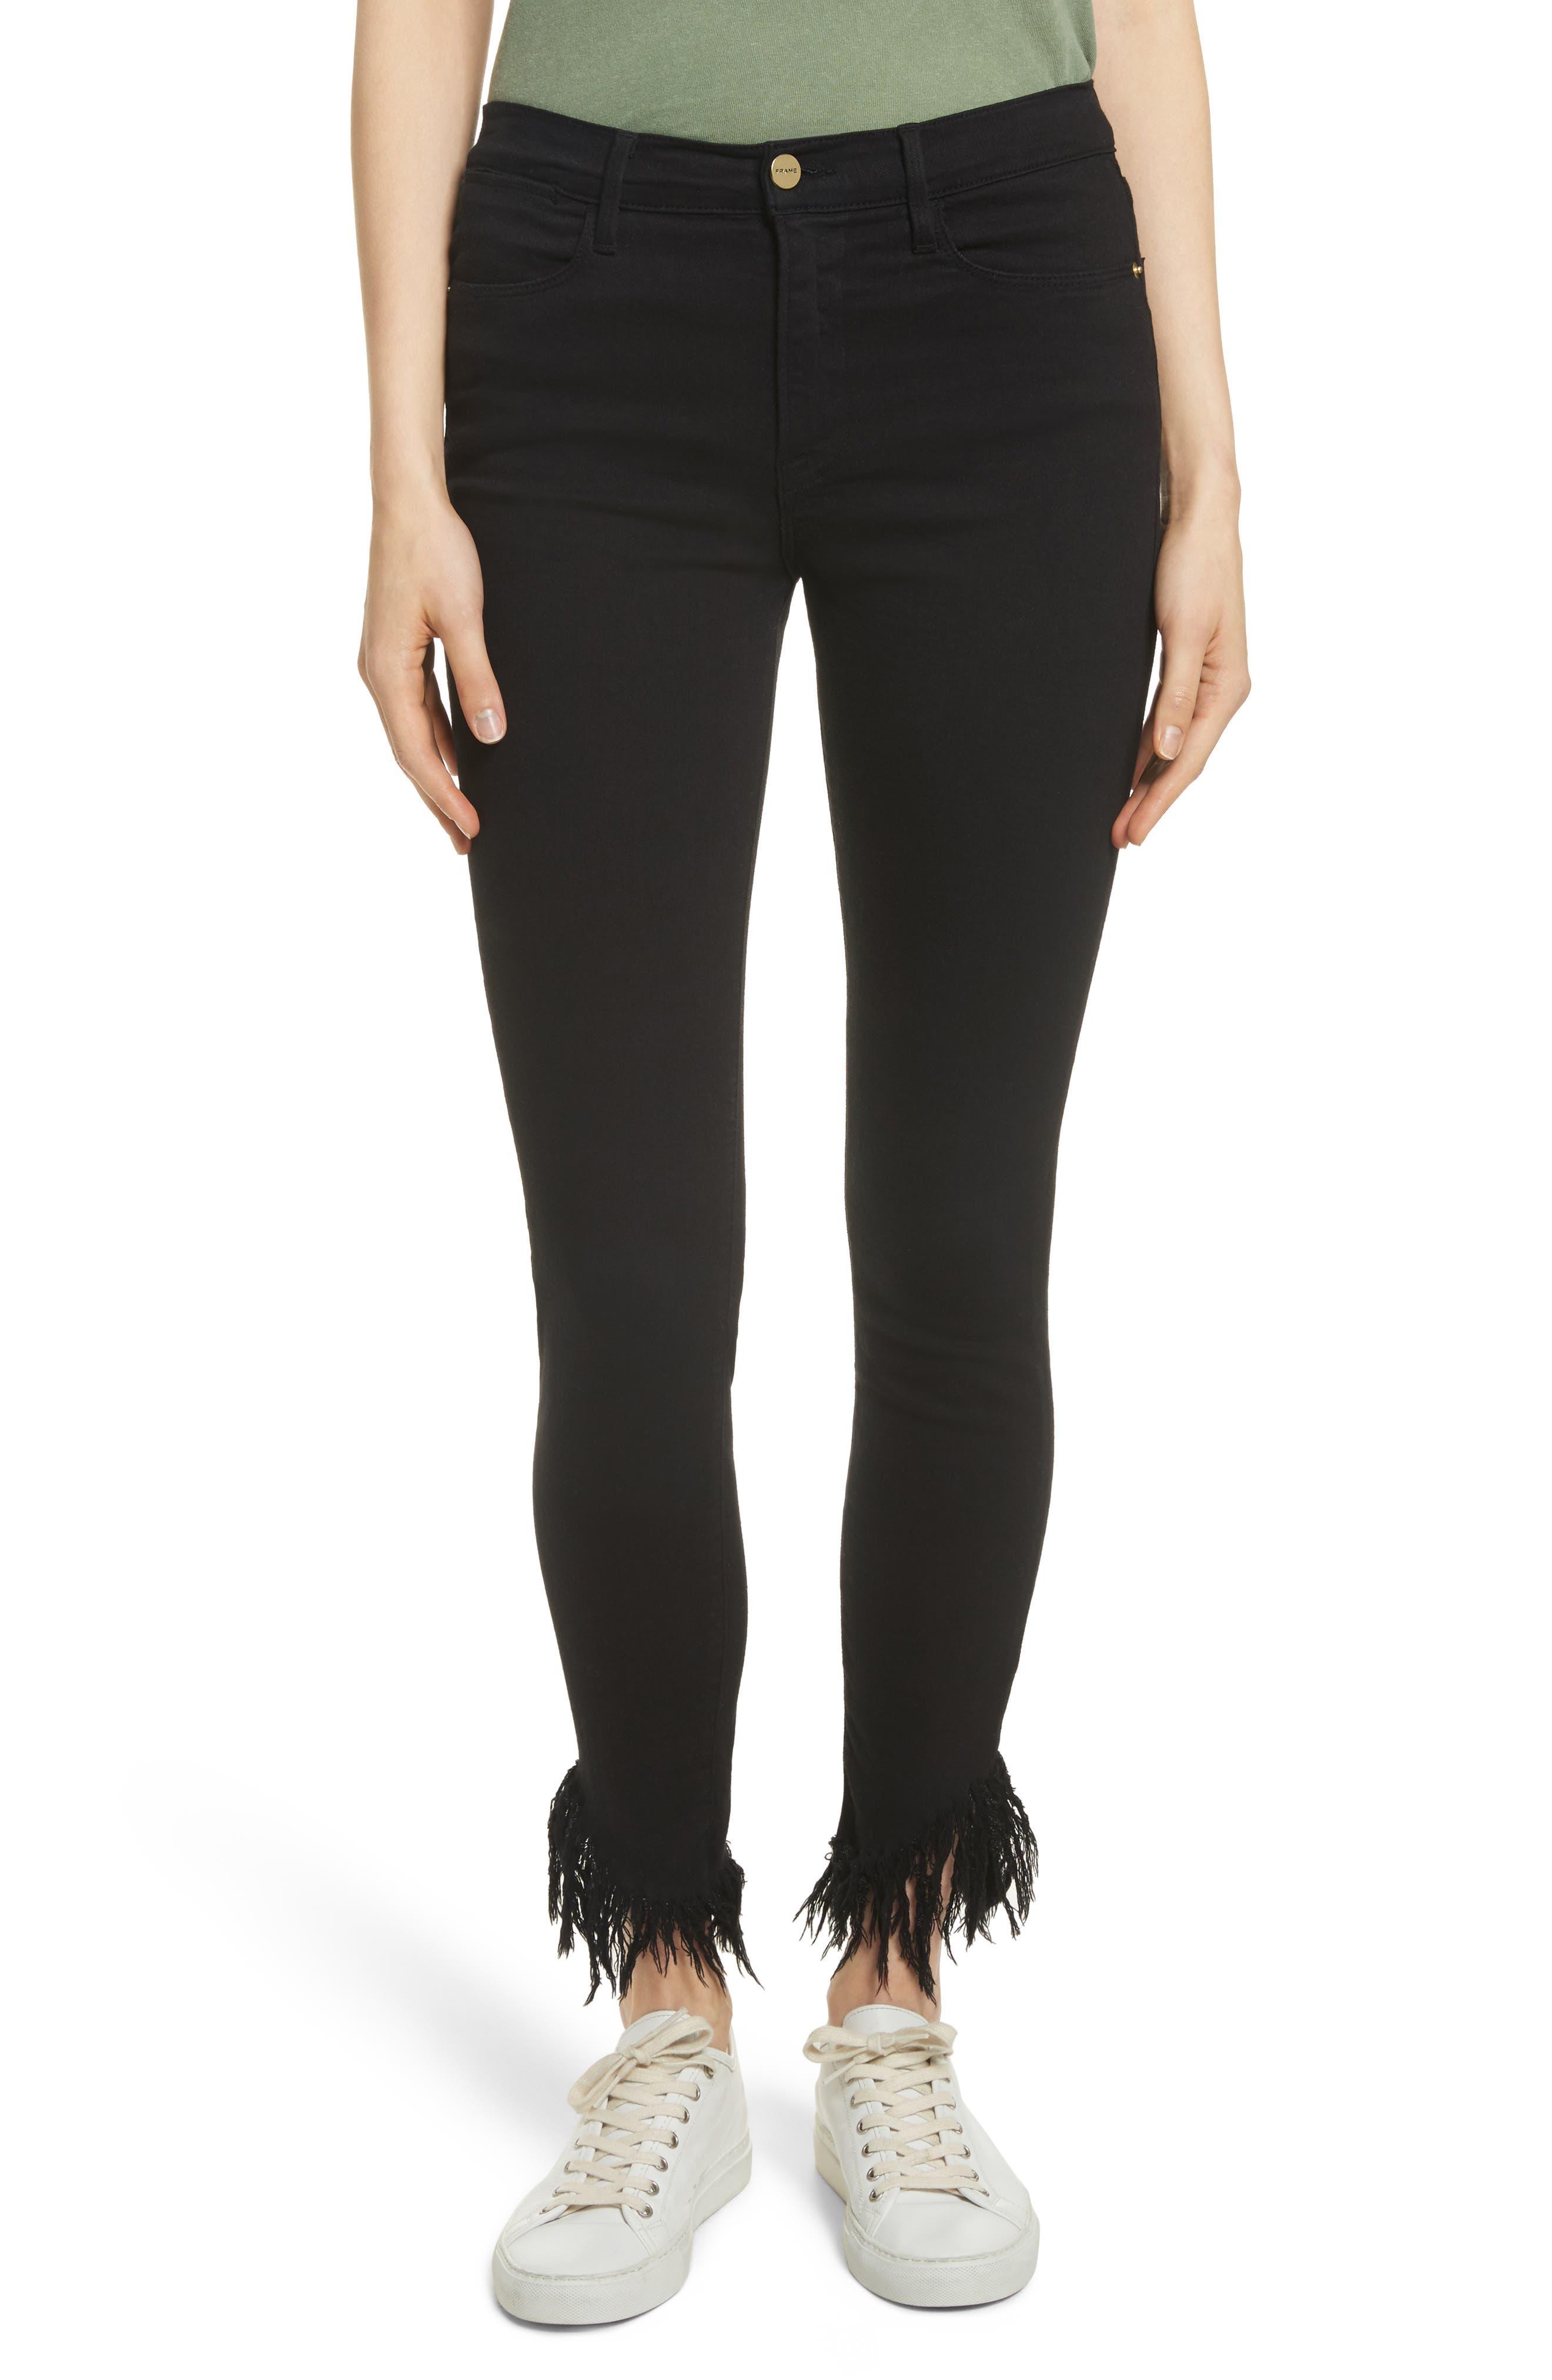 Alternate Image 1 Selected - FRAME Le High Shredded Skinny Jeans (Film Noir)